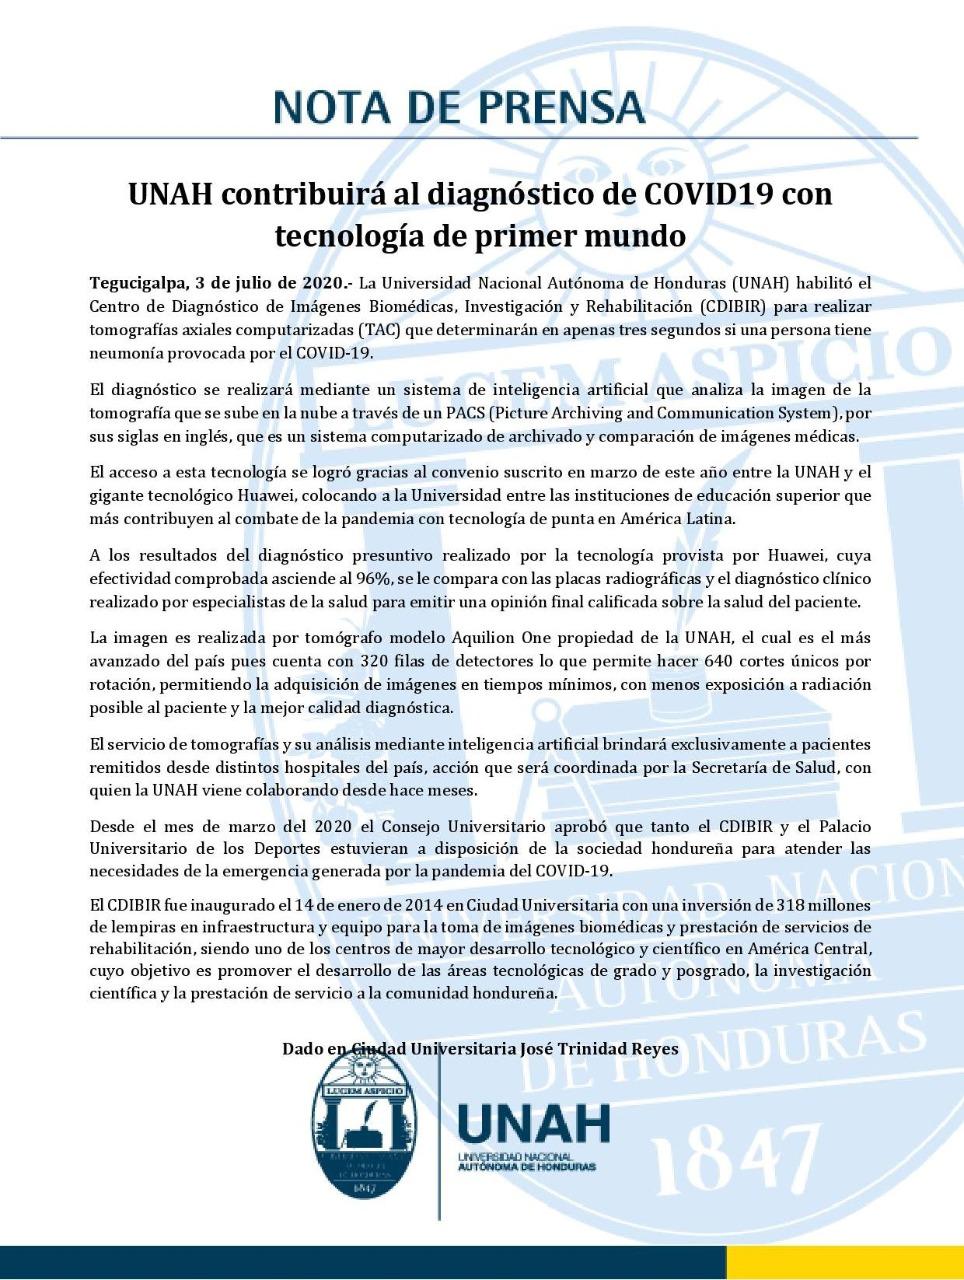 En imágenes, el centro que habilitó la UNAH para determinar en tres segundos si una persona tiene neumonía por covid-19